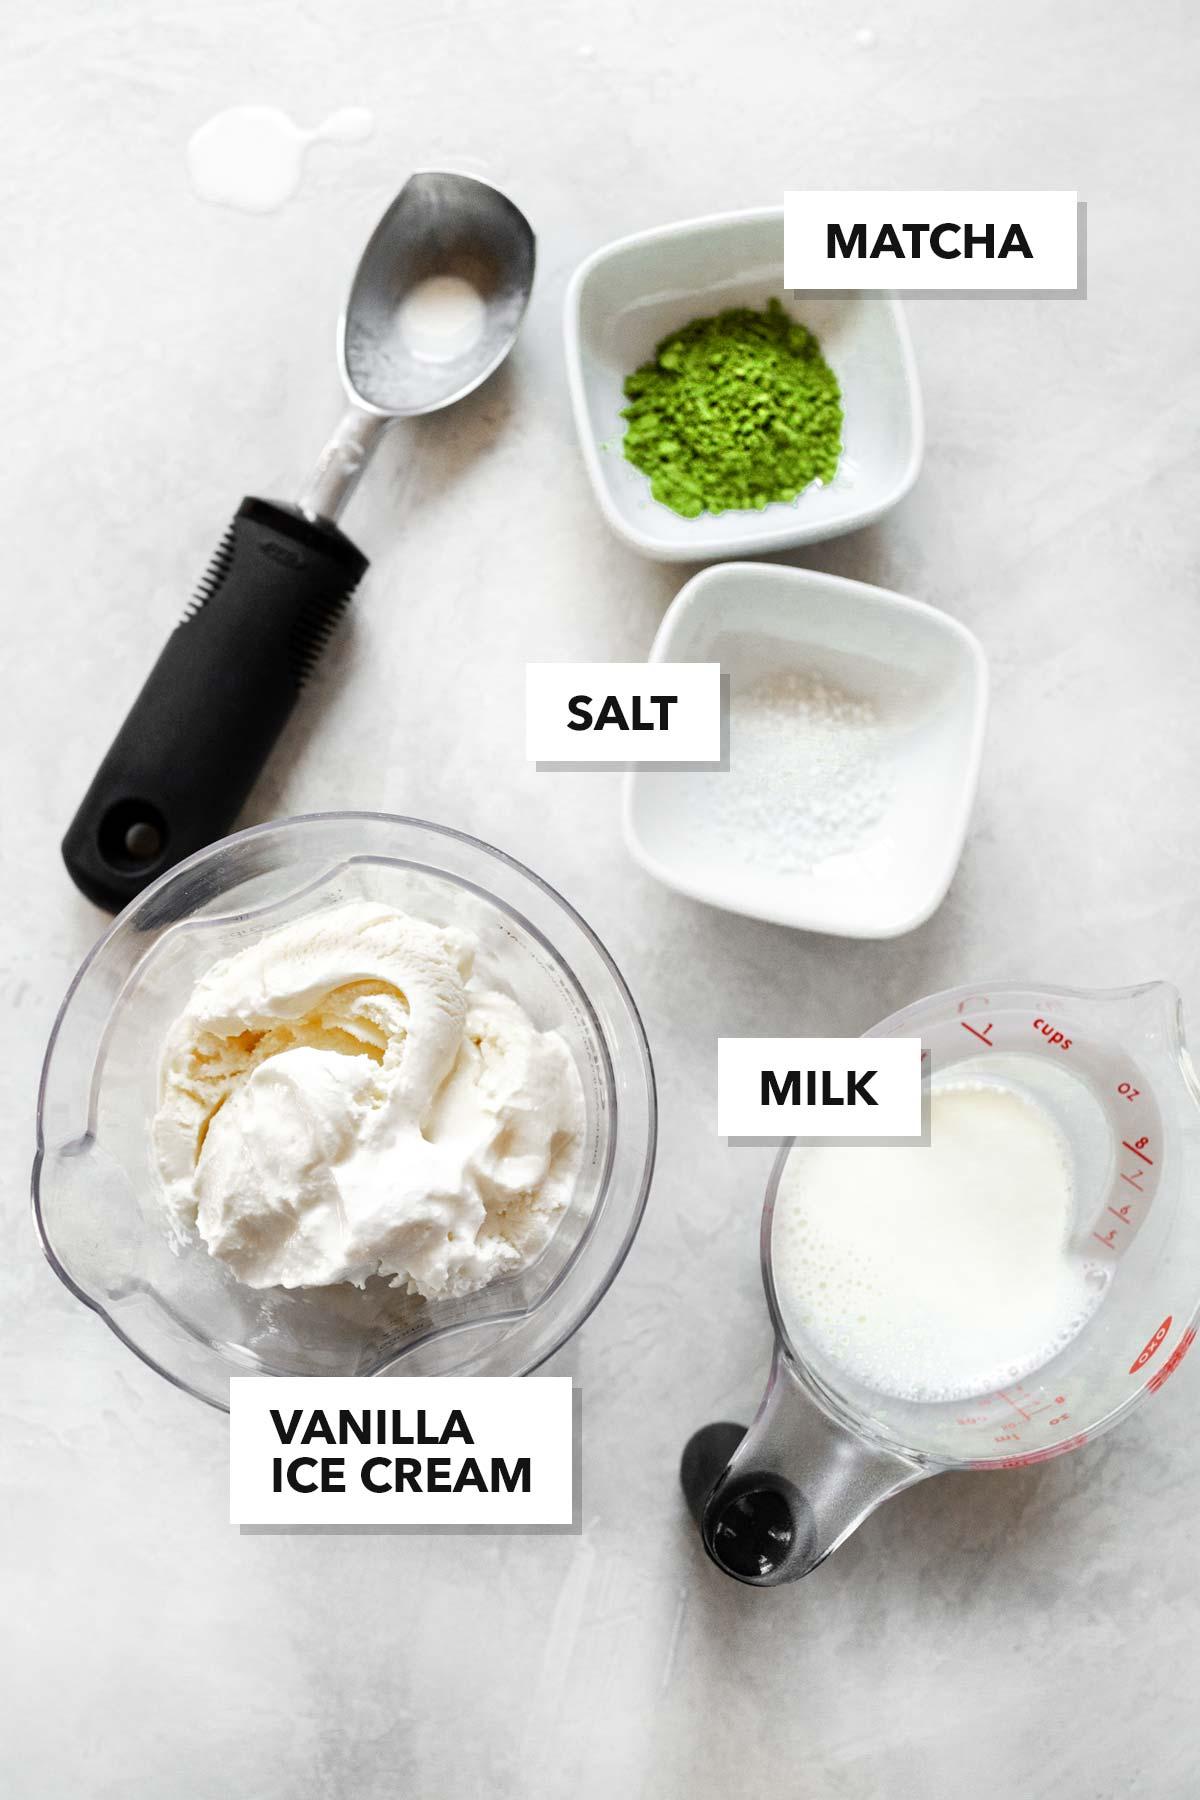 Matcha milkshake ingredients.